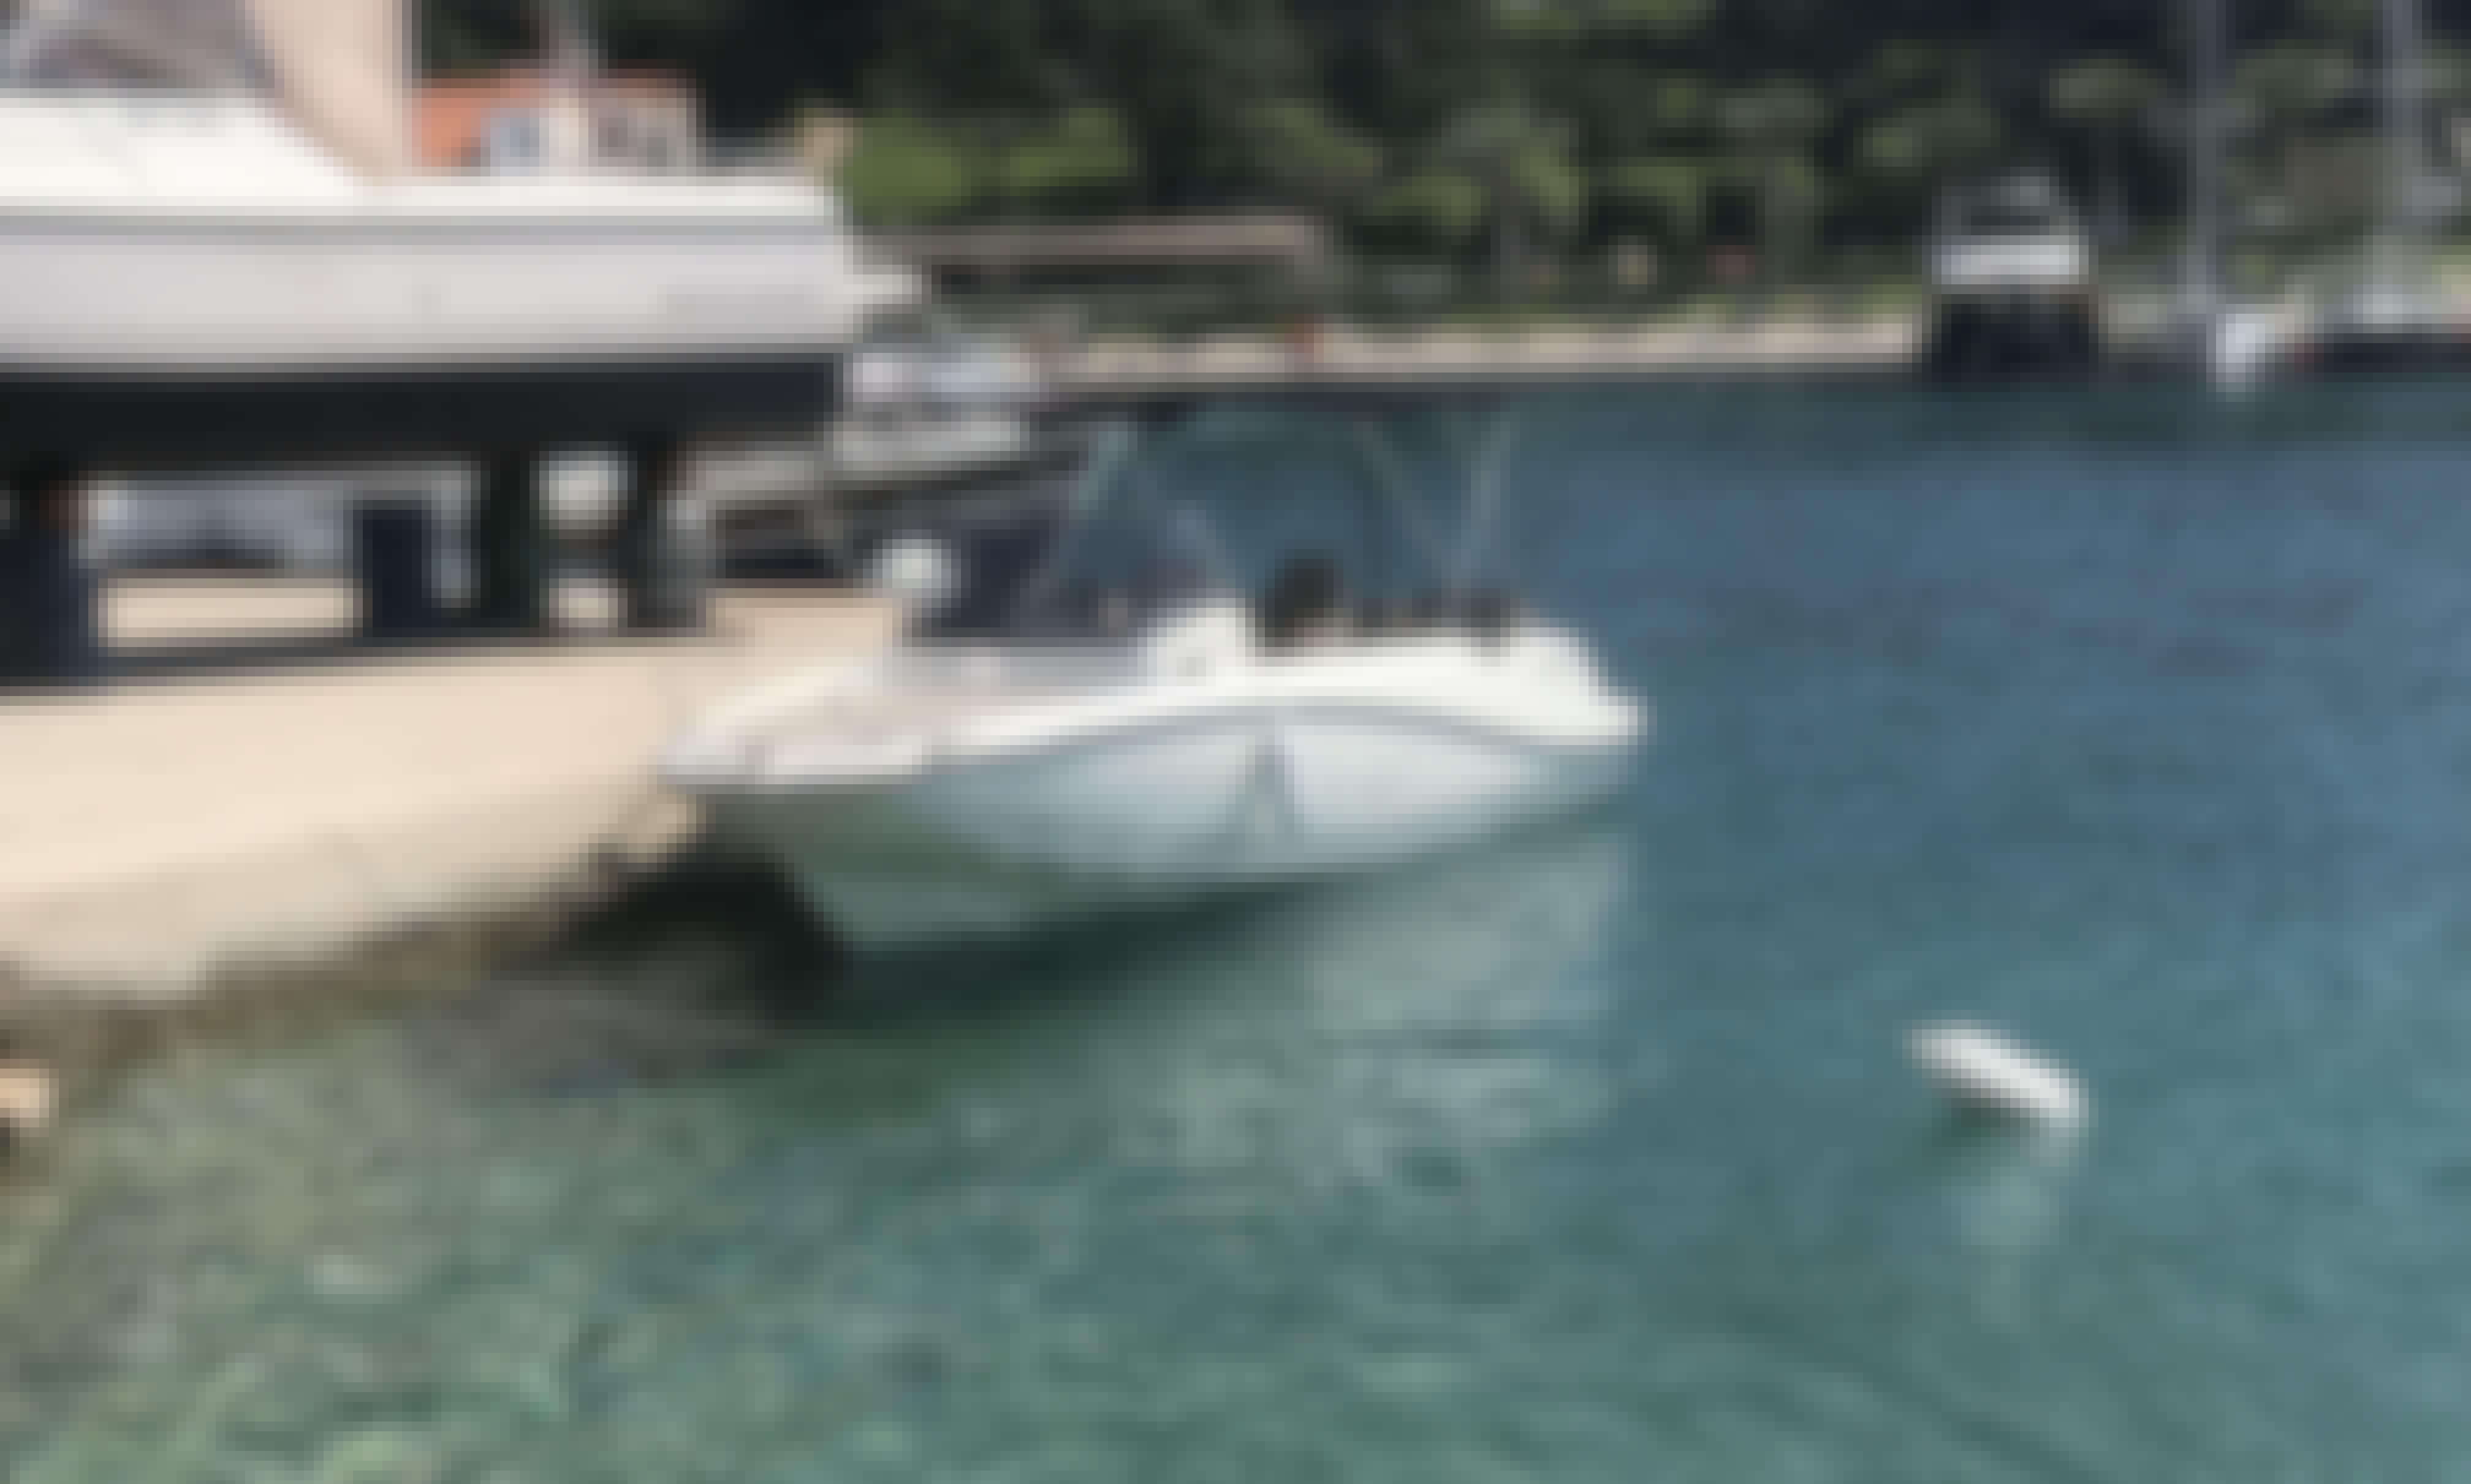 Quicksilver 605 Sundeck Boat Rental from Vinišće, Croatia